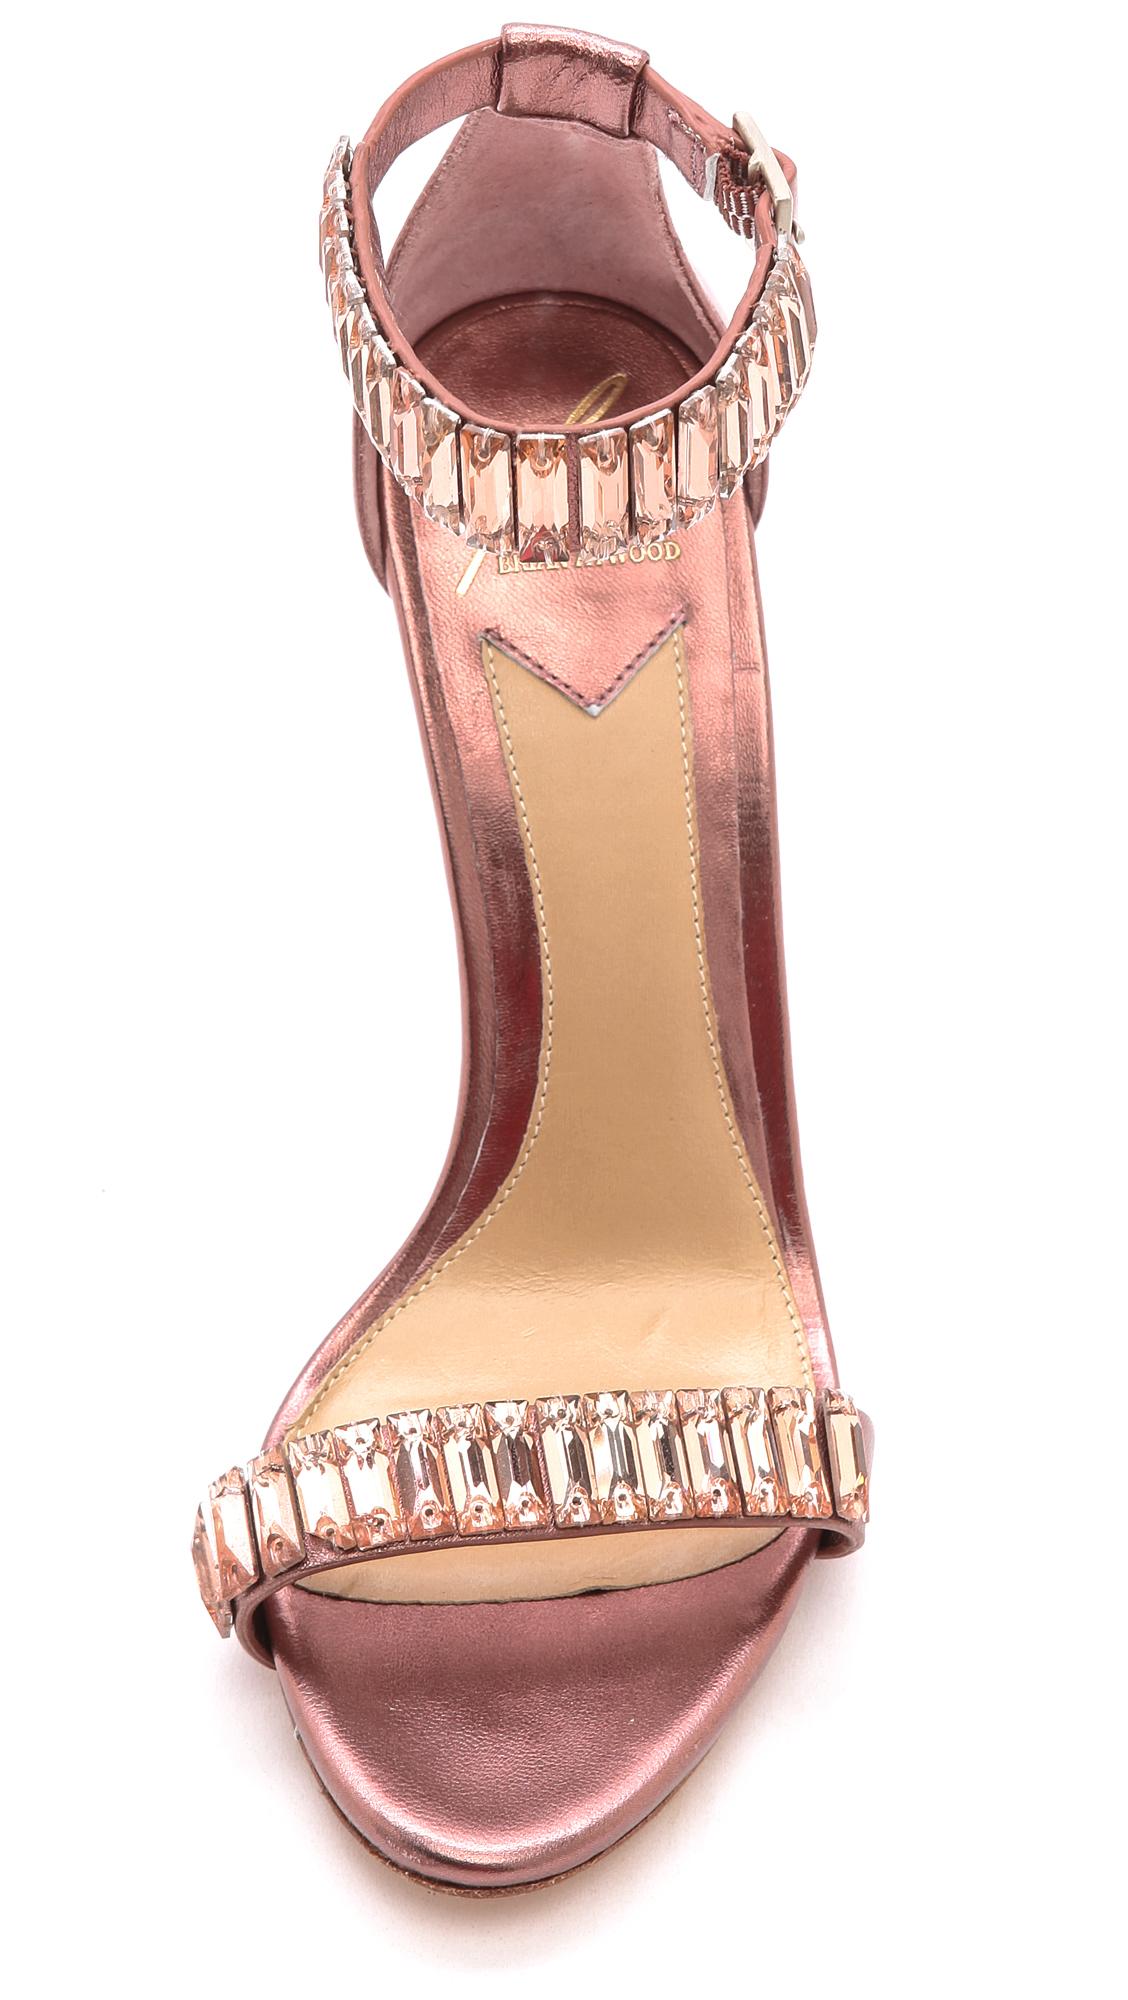 27bc5414f9c B Brian Atwood Ciara Jeweled Sandals Light Pink